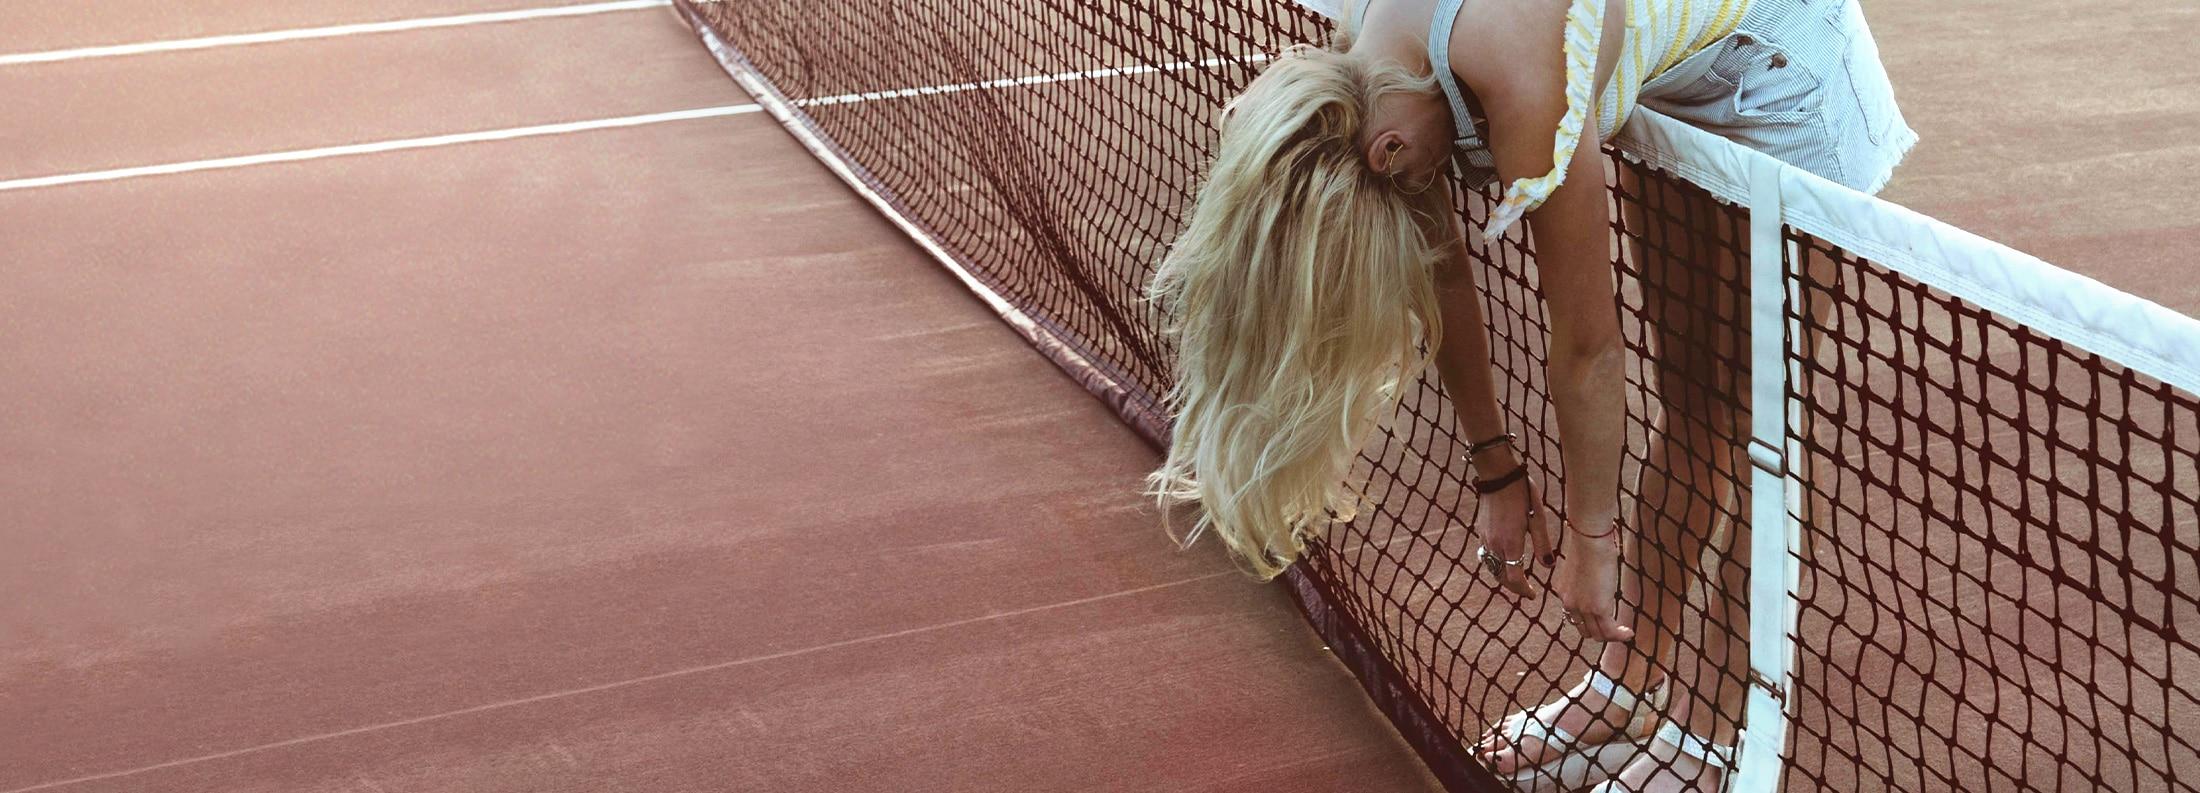 woman_tennis_blondhair_Colorgrading